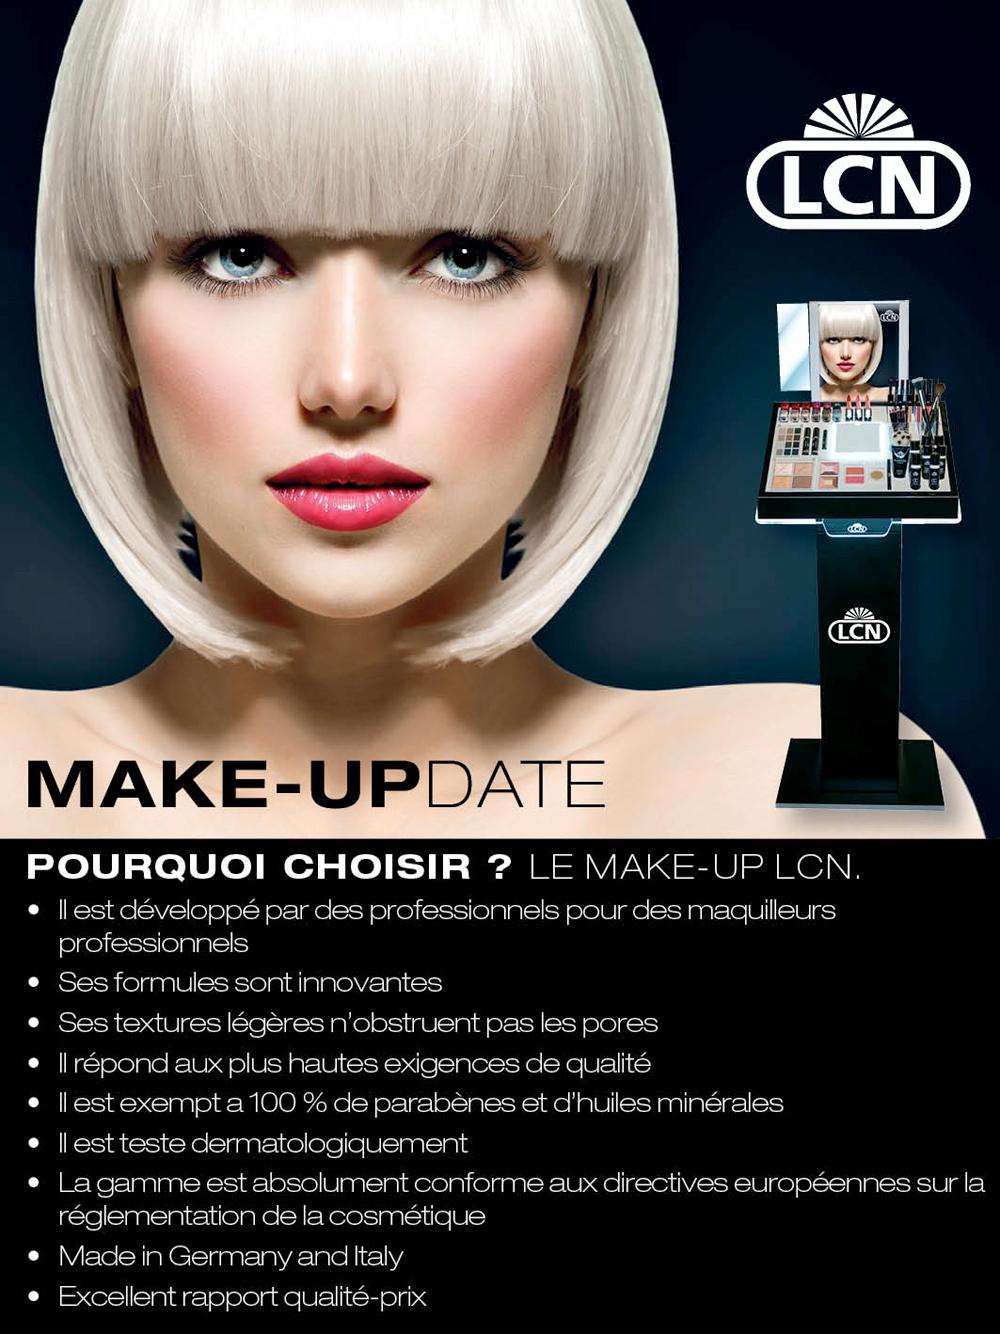 LCN Make Up